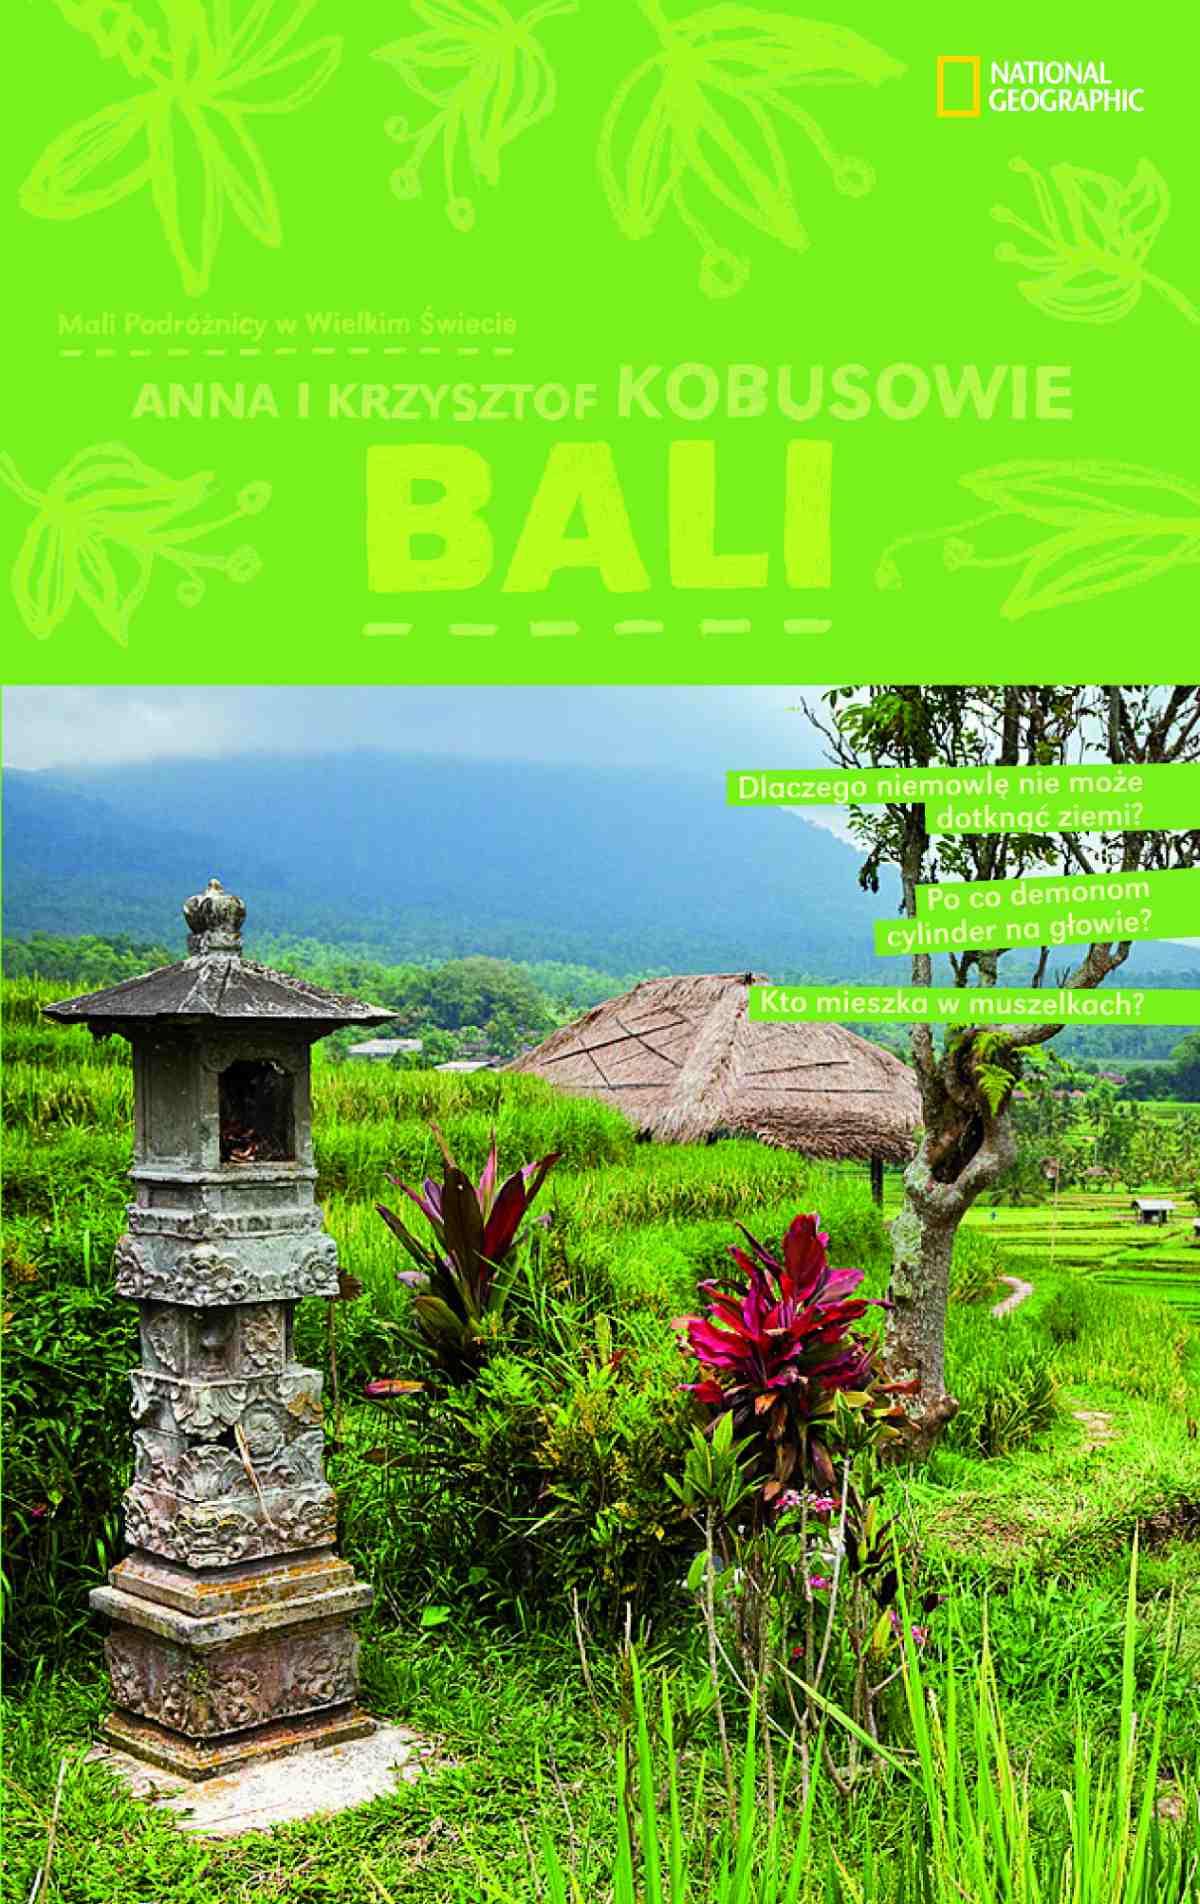 Bali - Ebook (Książka EPUB) do pobrania w formacie EPUB